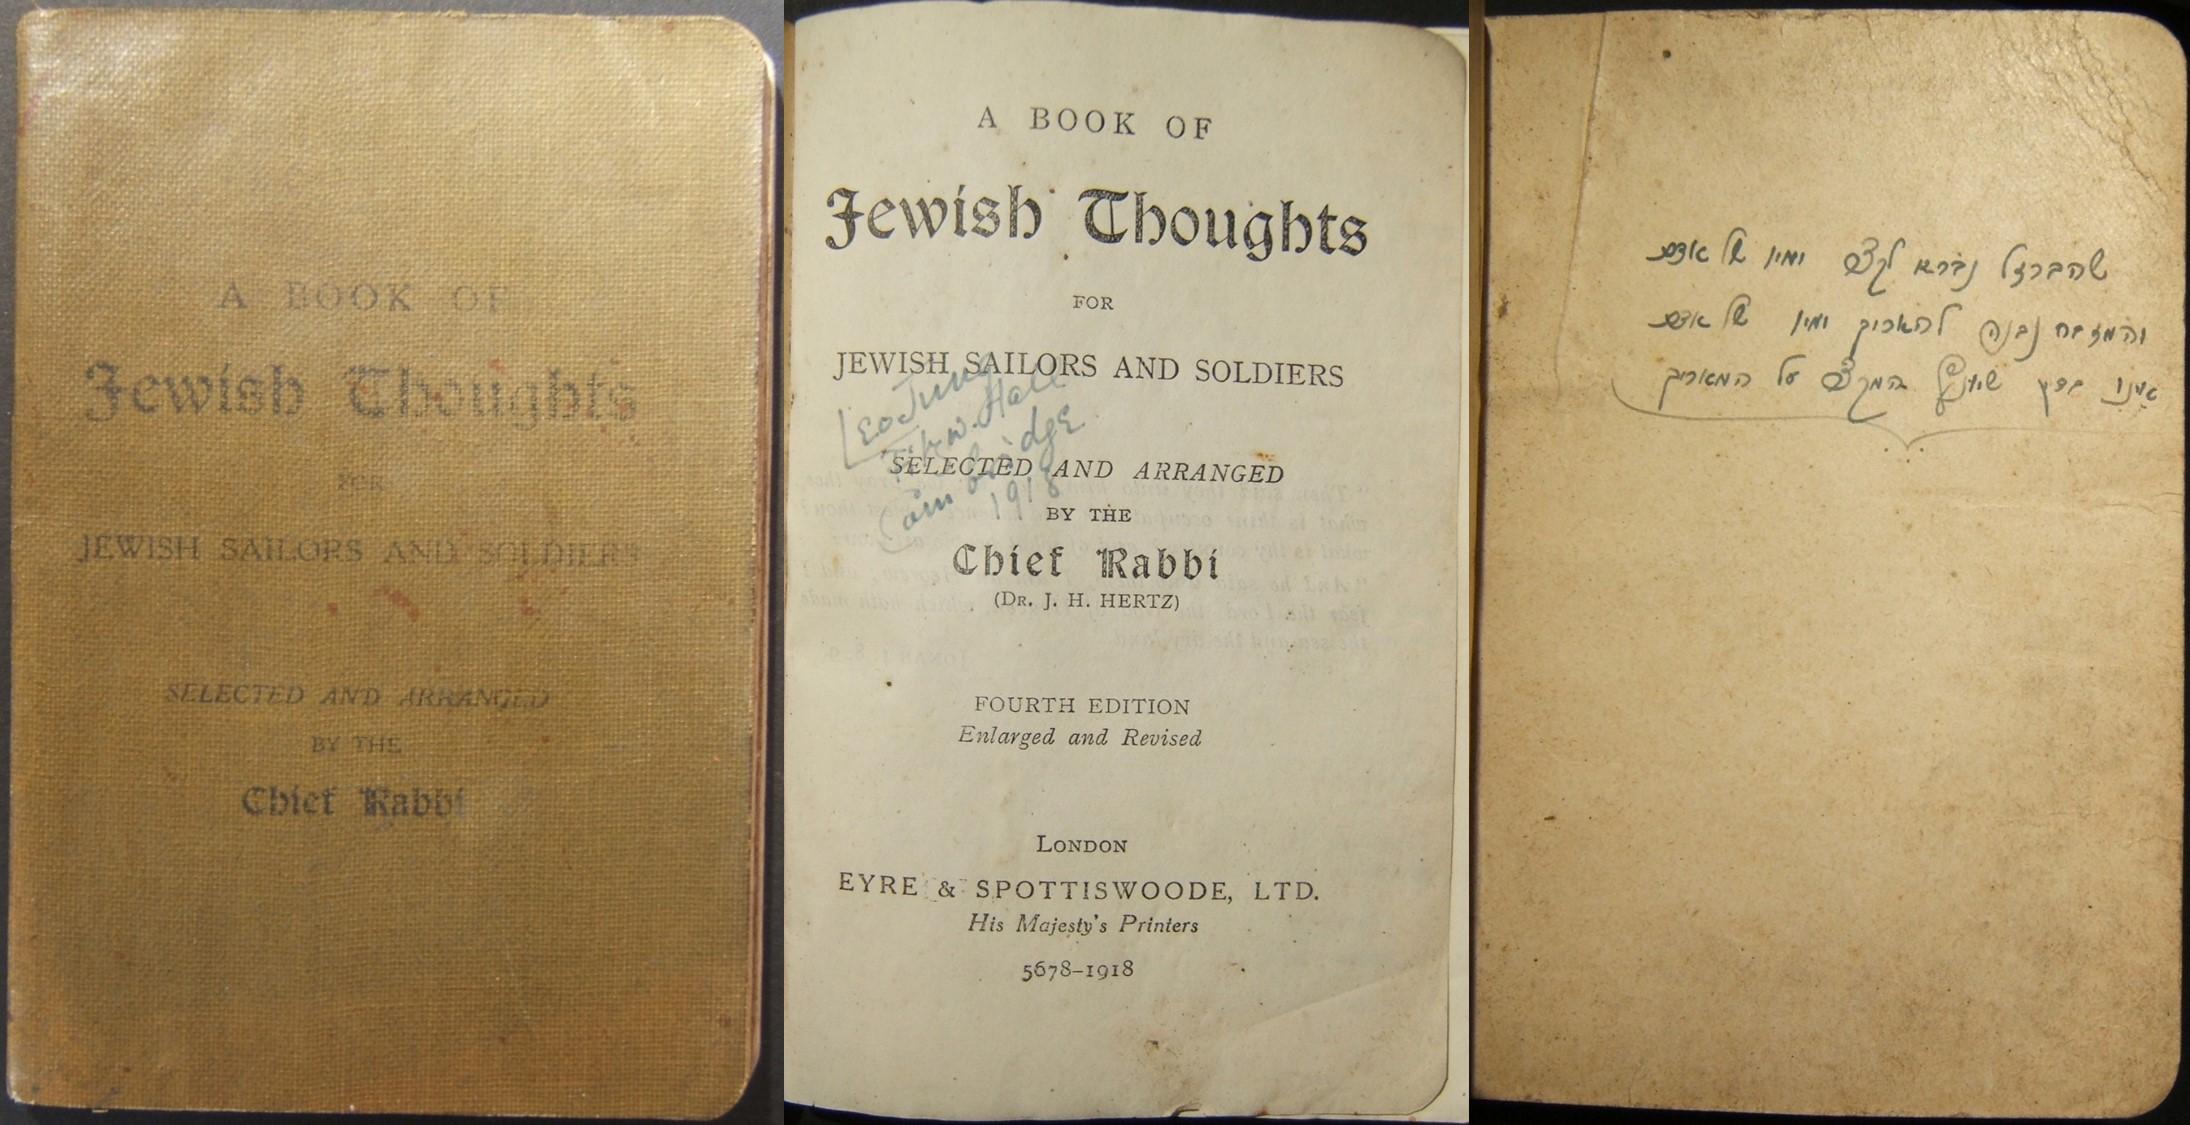 * الحاخام ليو جونغ * توقيع / ملاحظة في كتاب WWI Judaica للجنود اليهود البريطانيين